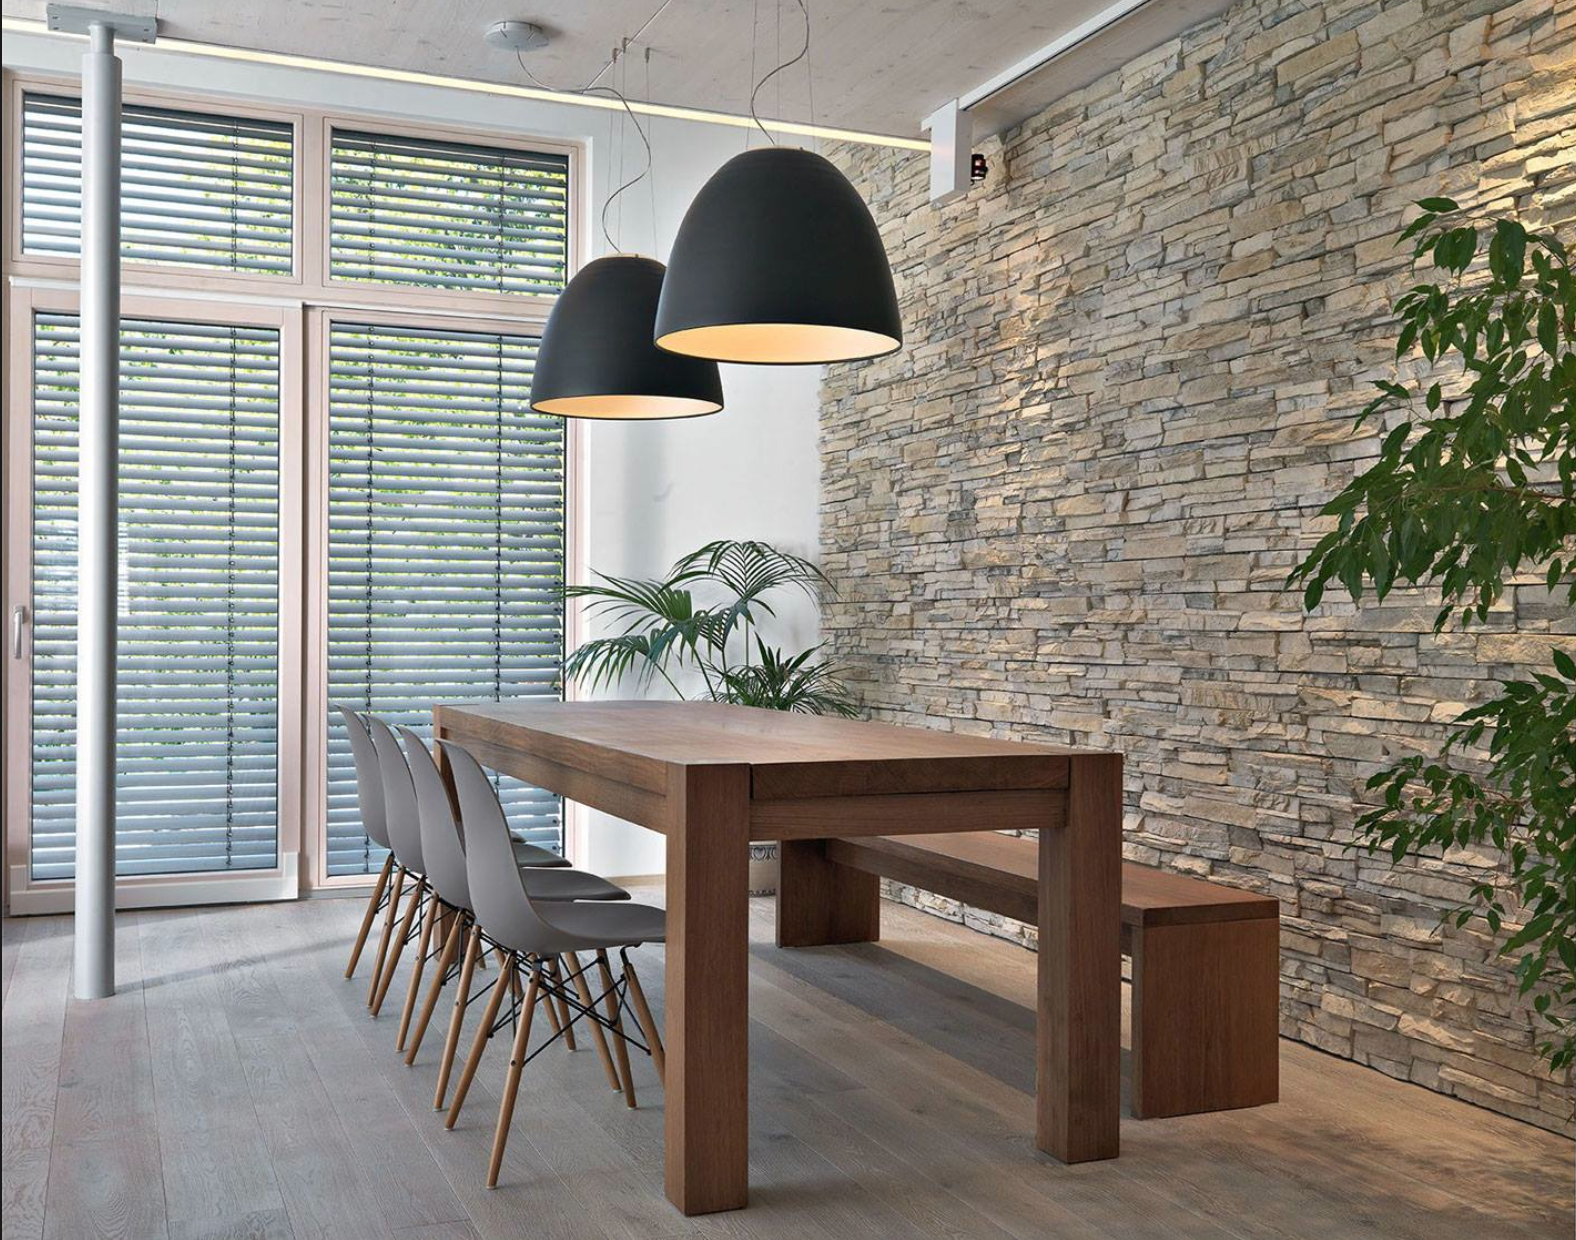 Balkon Tegels Steen : Stenen aan de muur met op de vloer dezelfde tegels als in de keuken